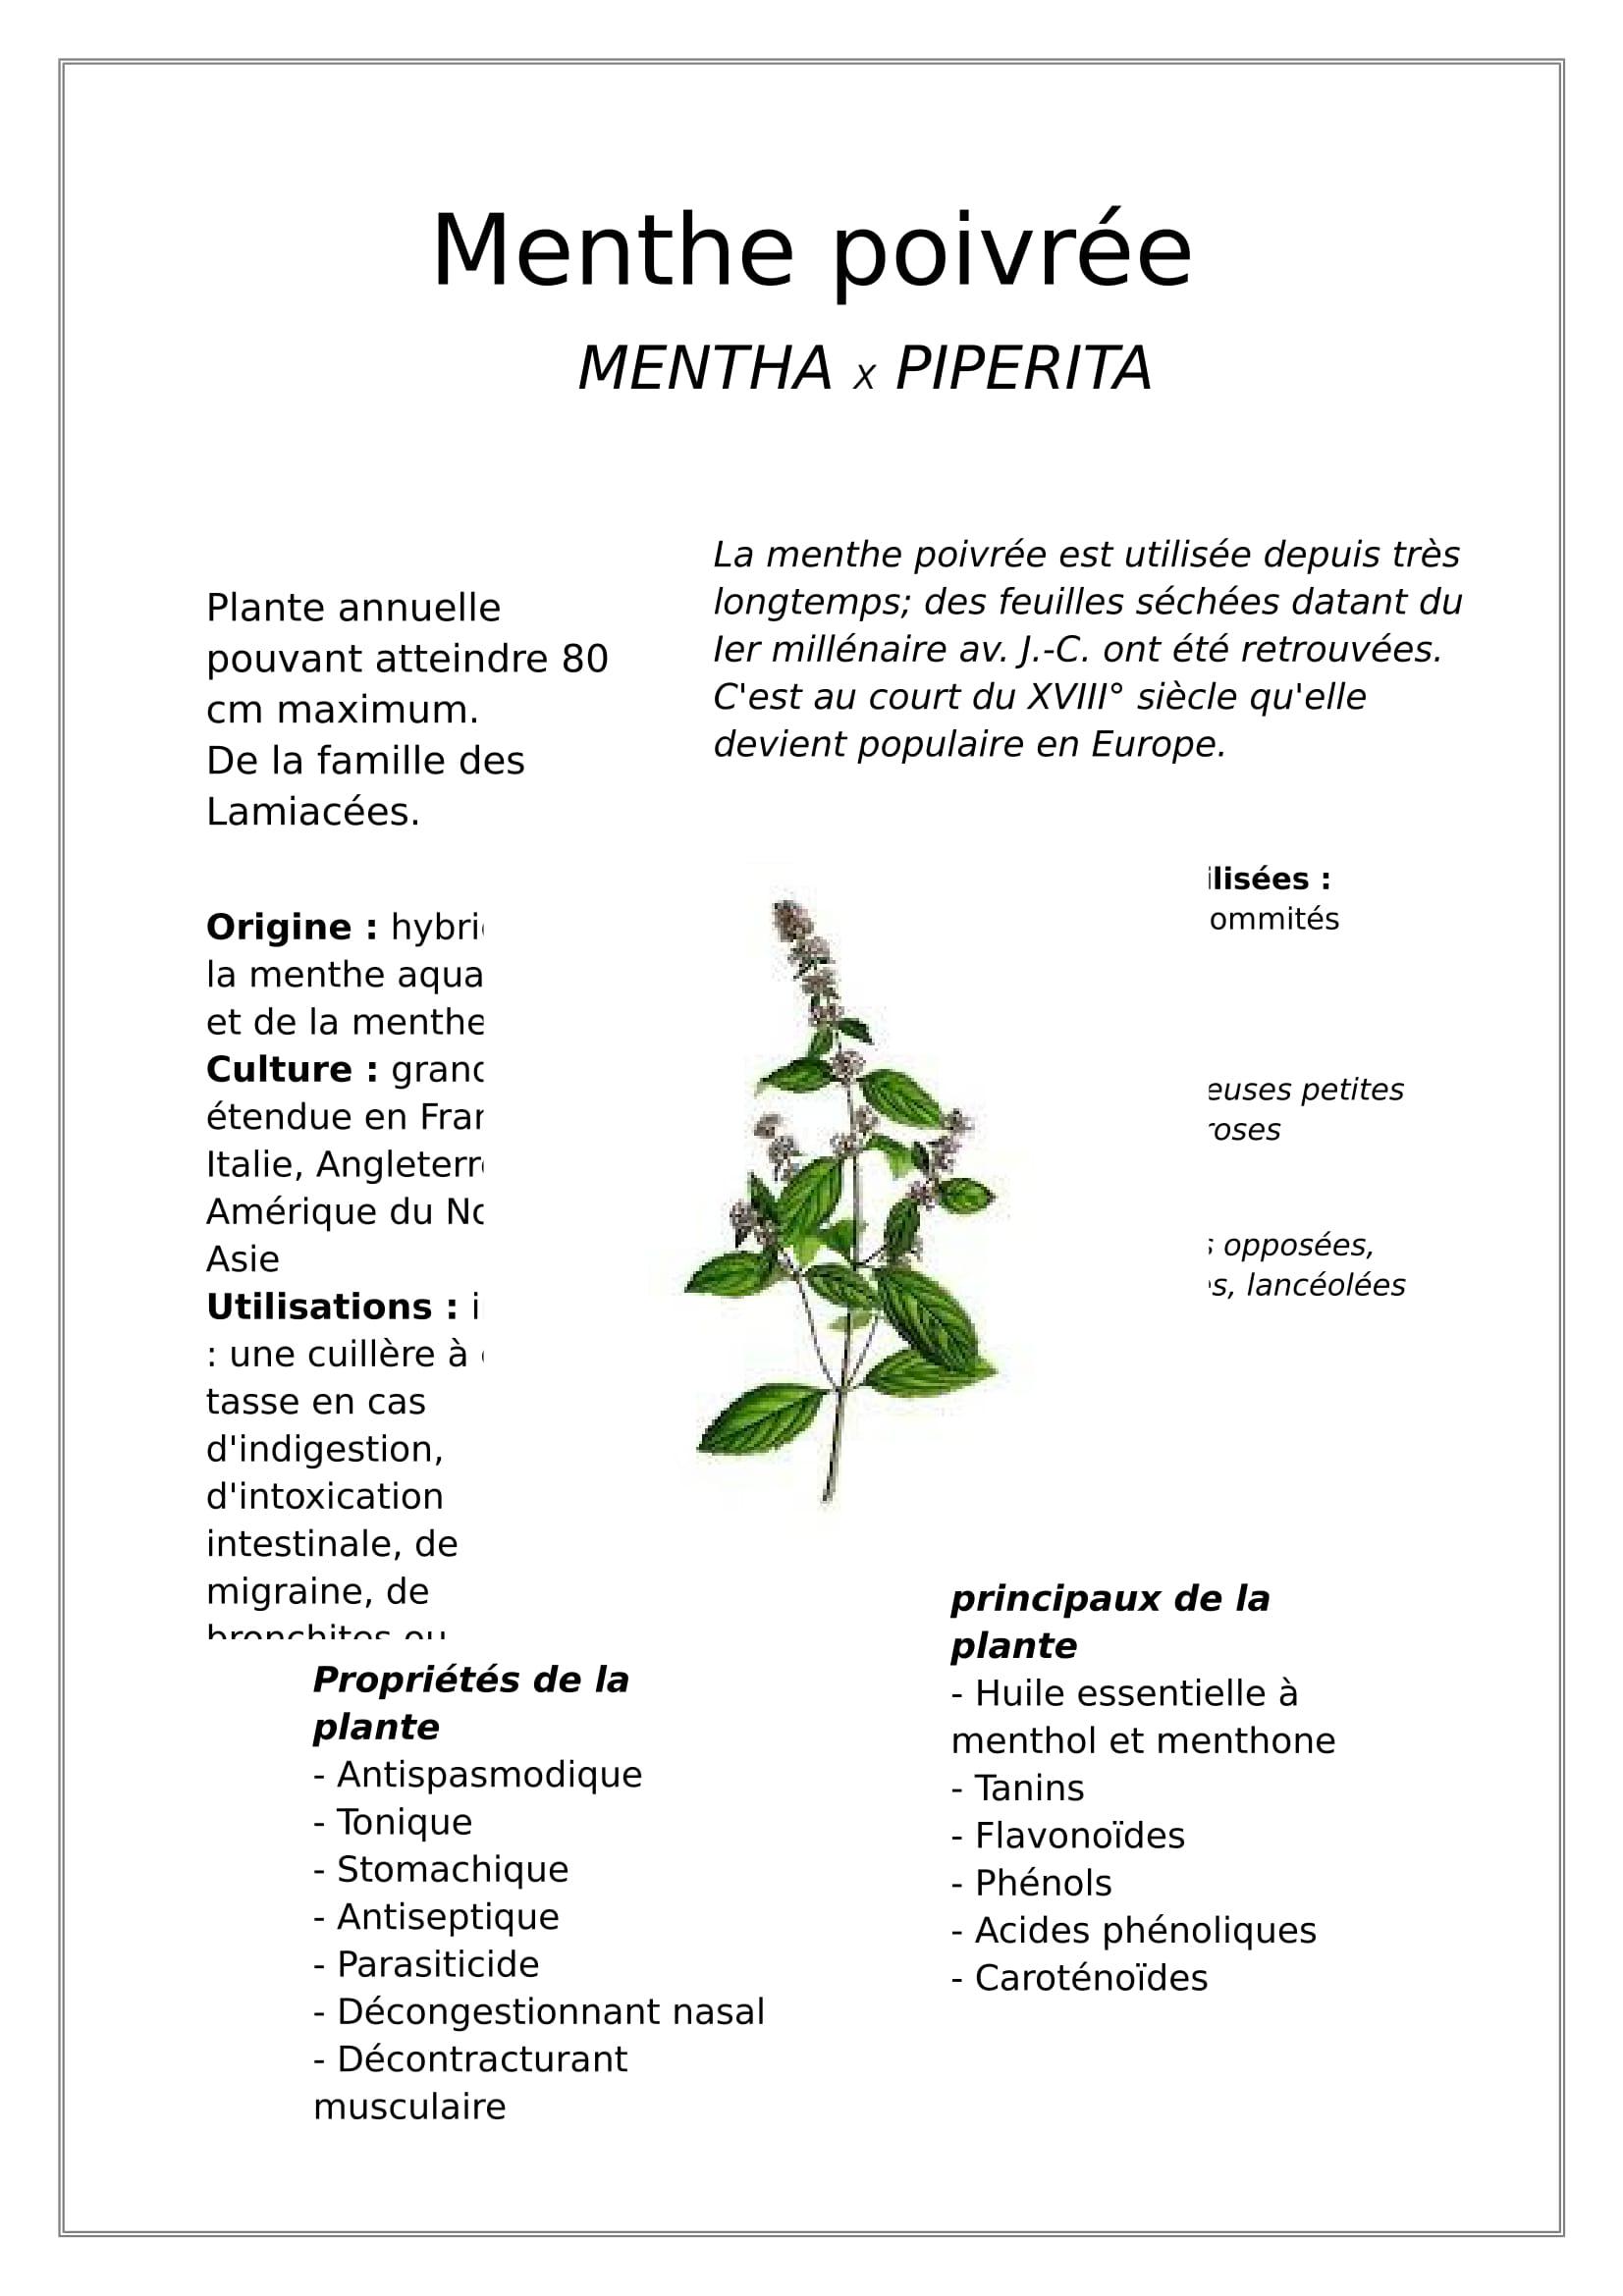 menthe poivrée-1